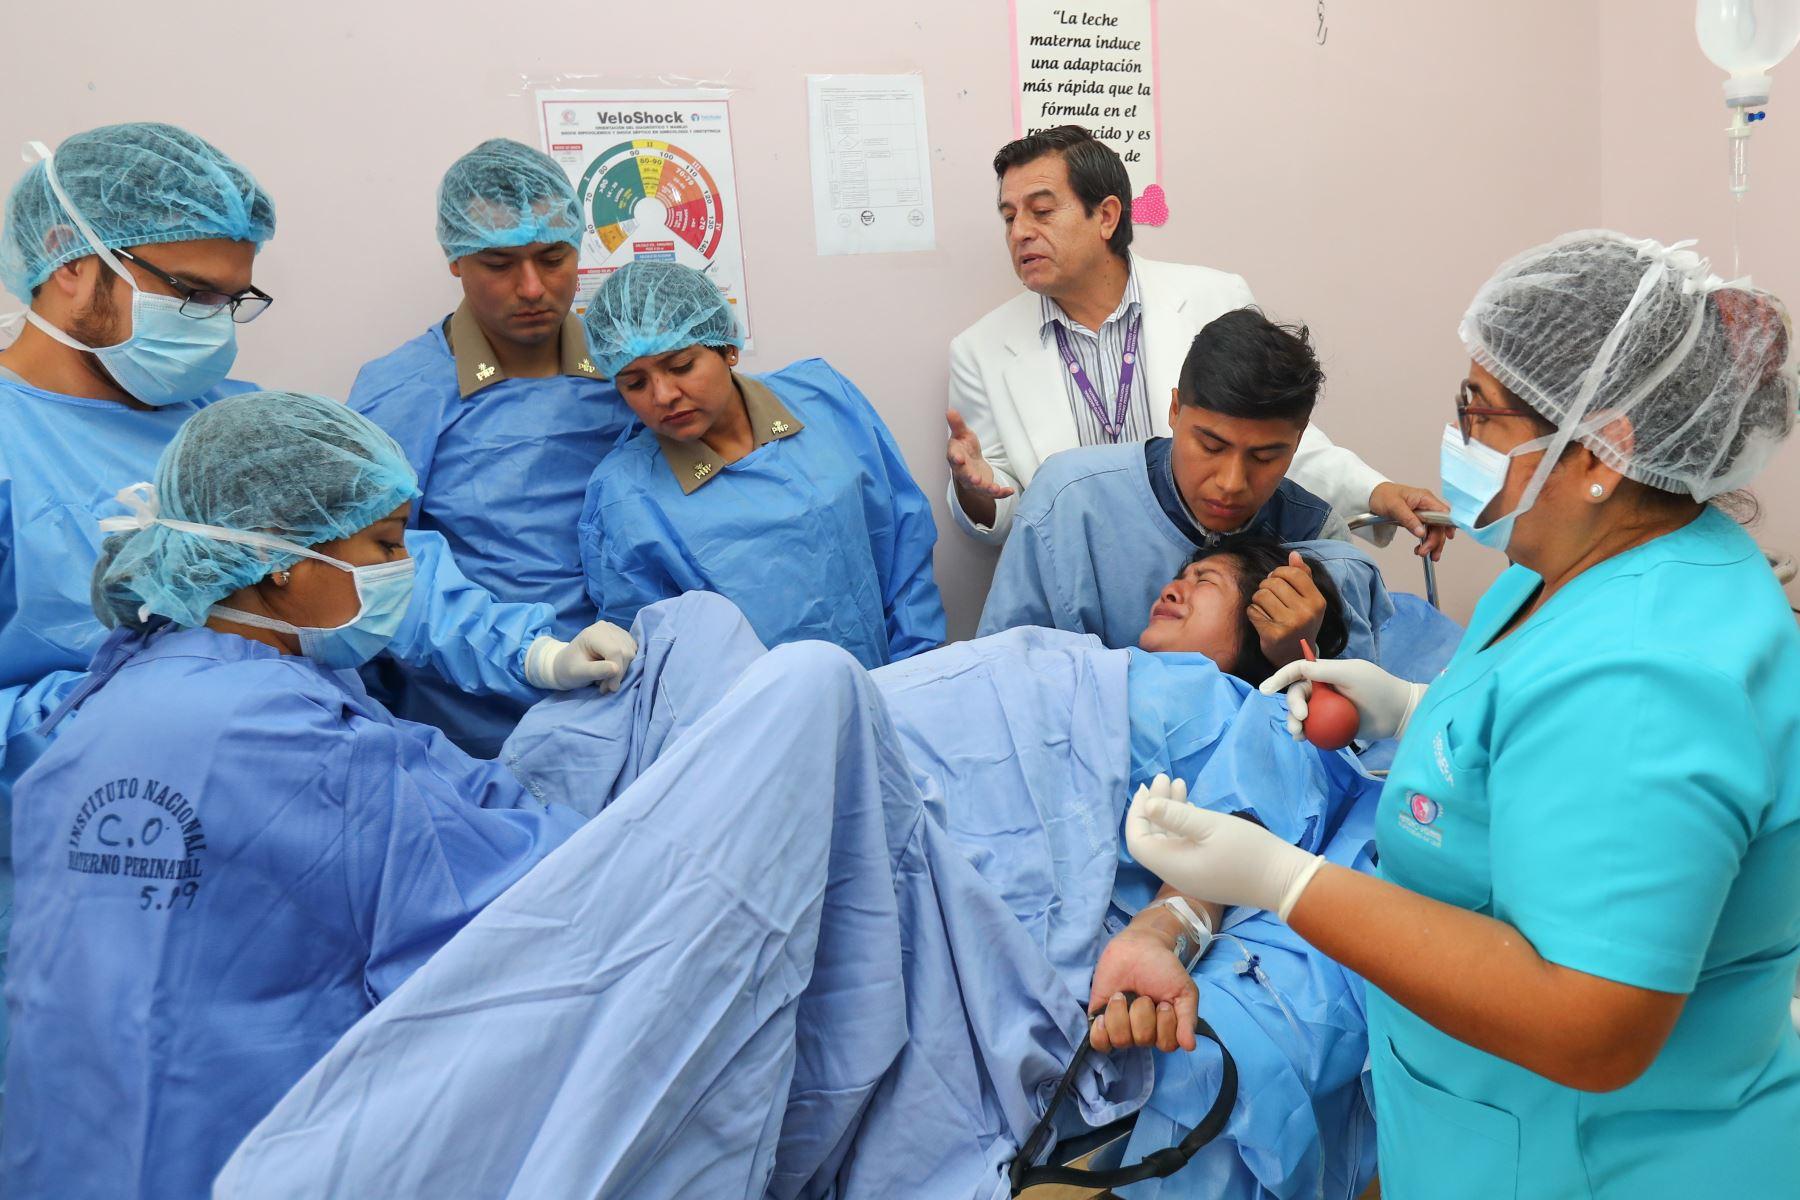 En el marco de la Semana de la Maternidad Saludable, la Agencia Andina asistió al parto natural del bebé de la joven pareja Romina Ramírez Damián (25) y William Yance Aiquipa (26). Foto: ANDINA/ Norman Córdova